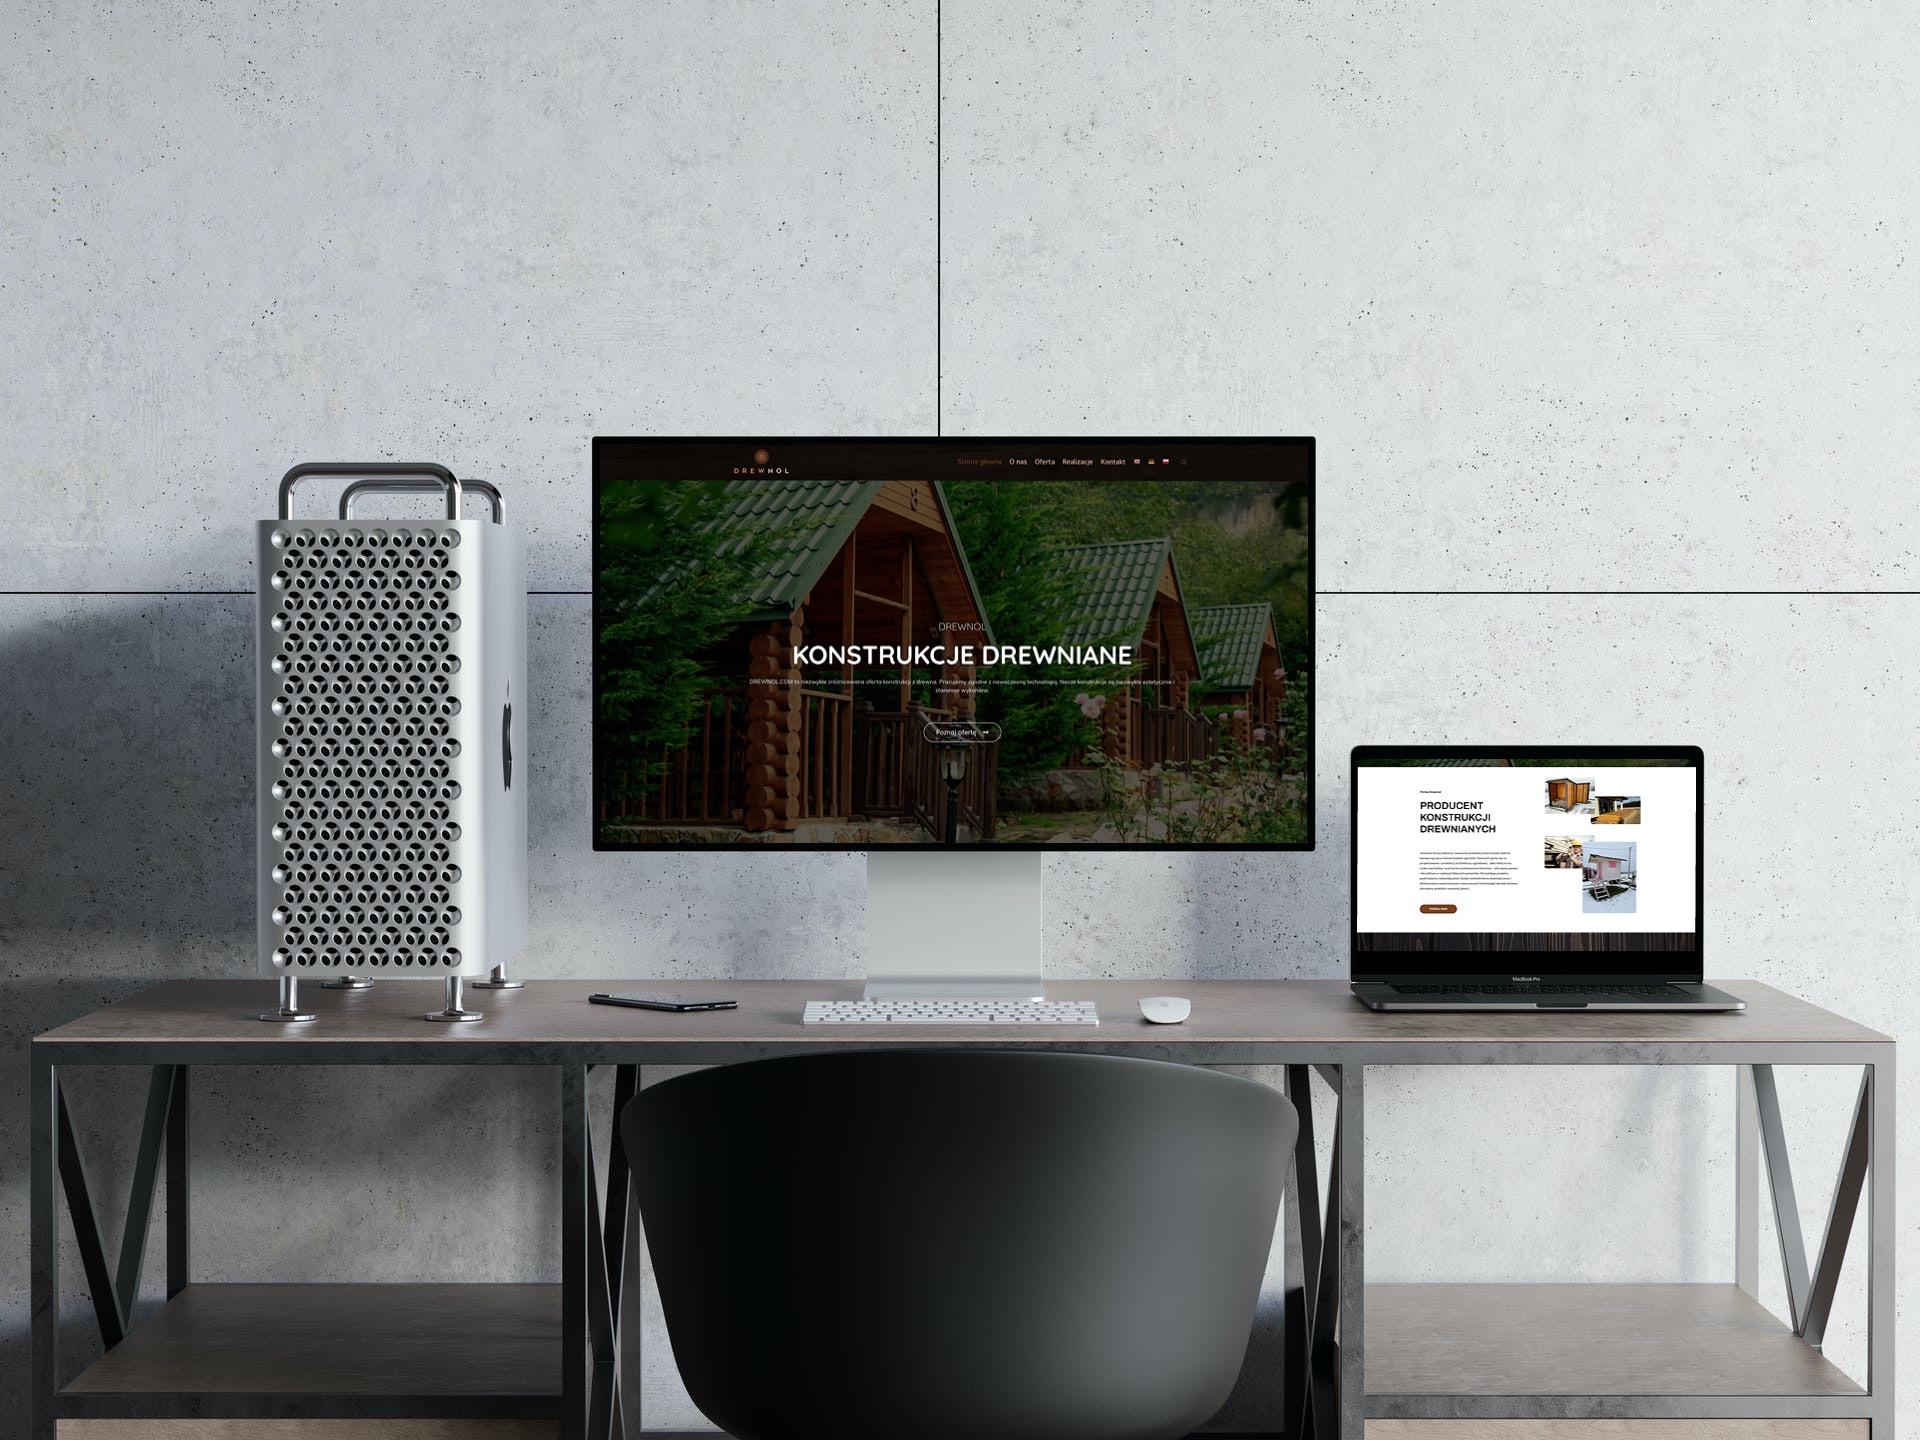 portfolio/066/157866/smartmockups_kn7h0j2i.jpg